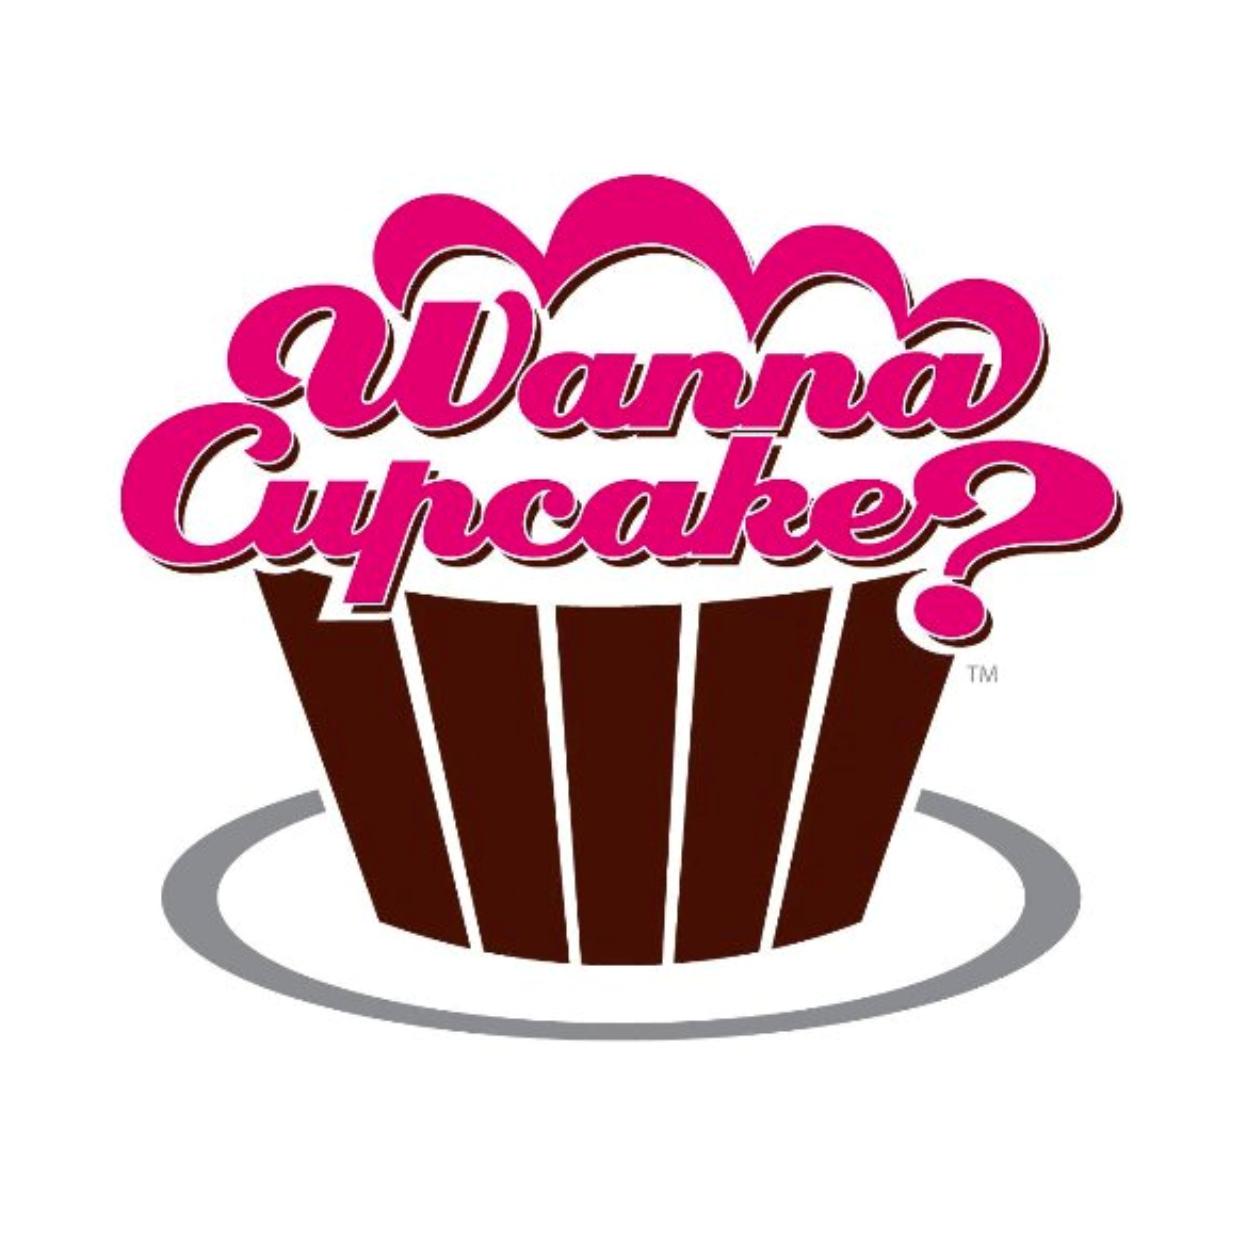 Wanna Cupcake